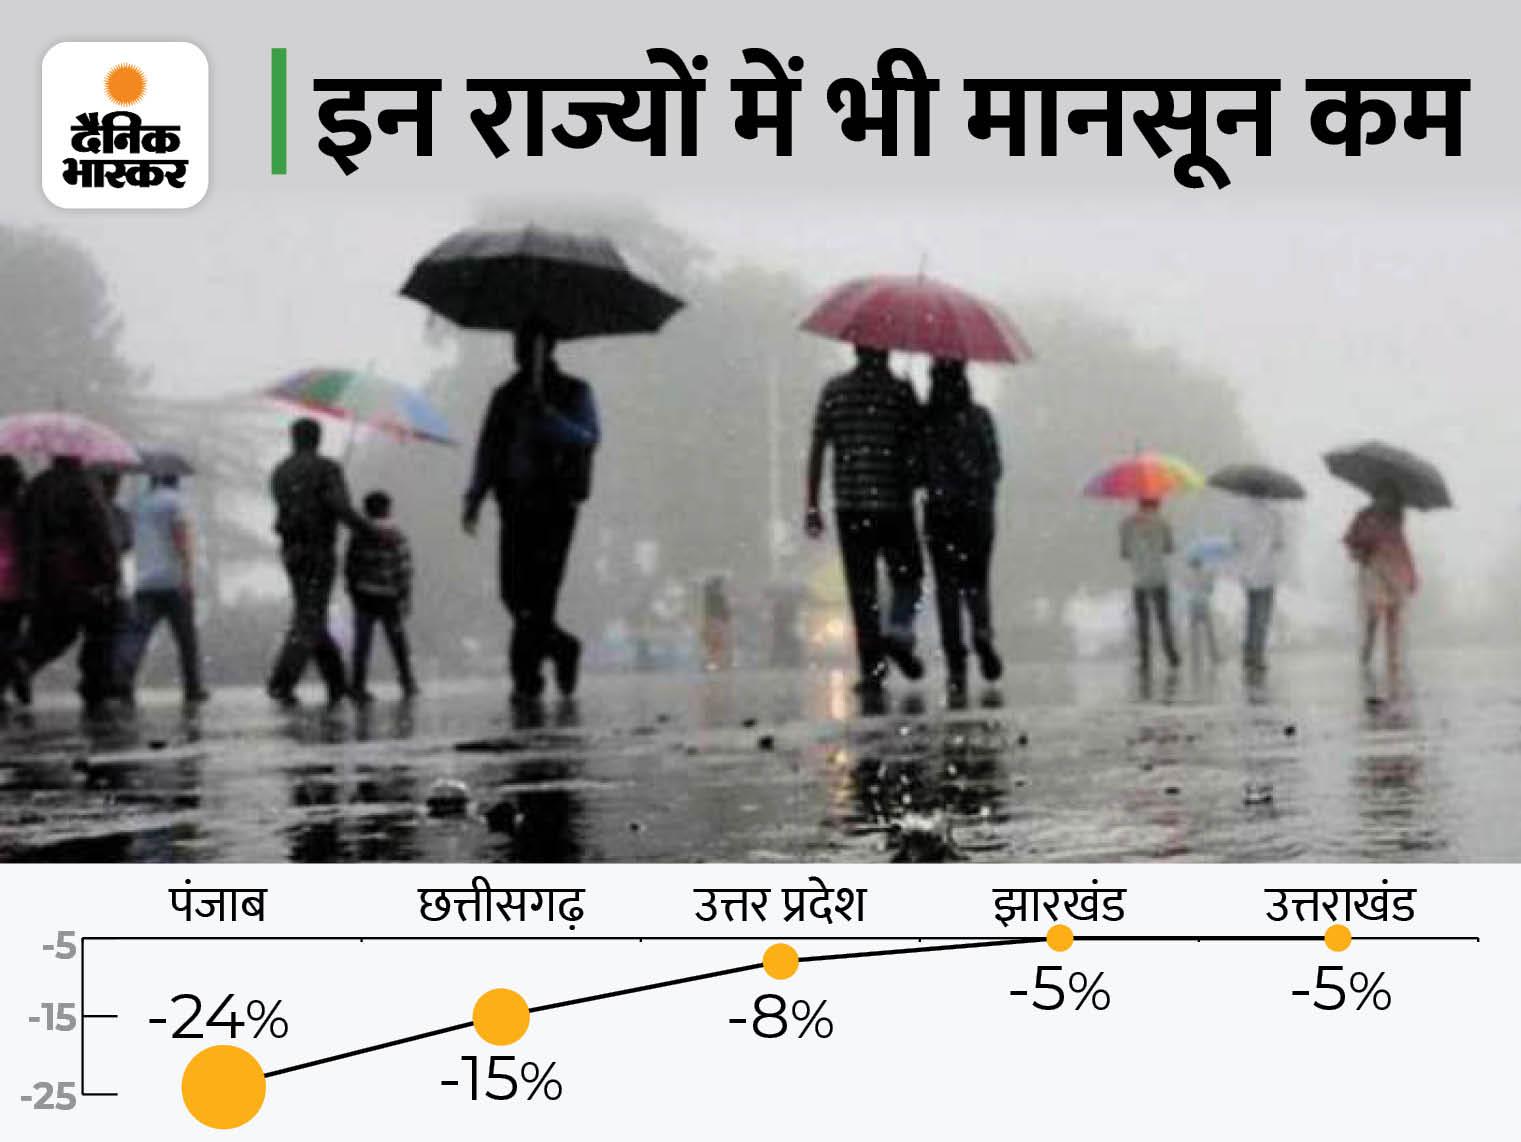 मानसून में इस बार MP में 7% कम बारिश, राजस्थान में 10% तो गुजरात में 47% कम बरसे बादल देश,National - Dainik Bhaskar